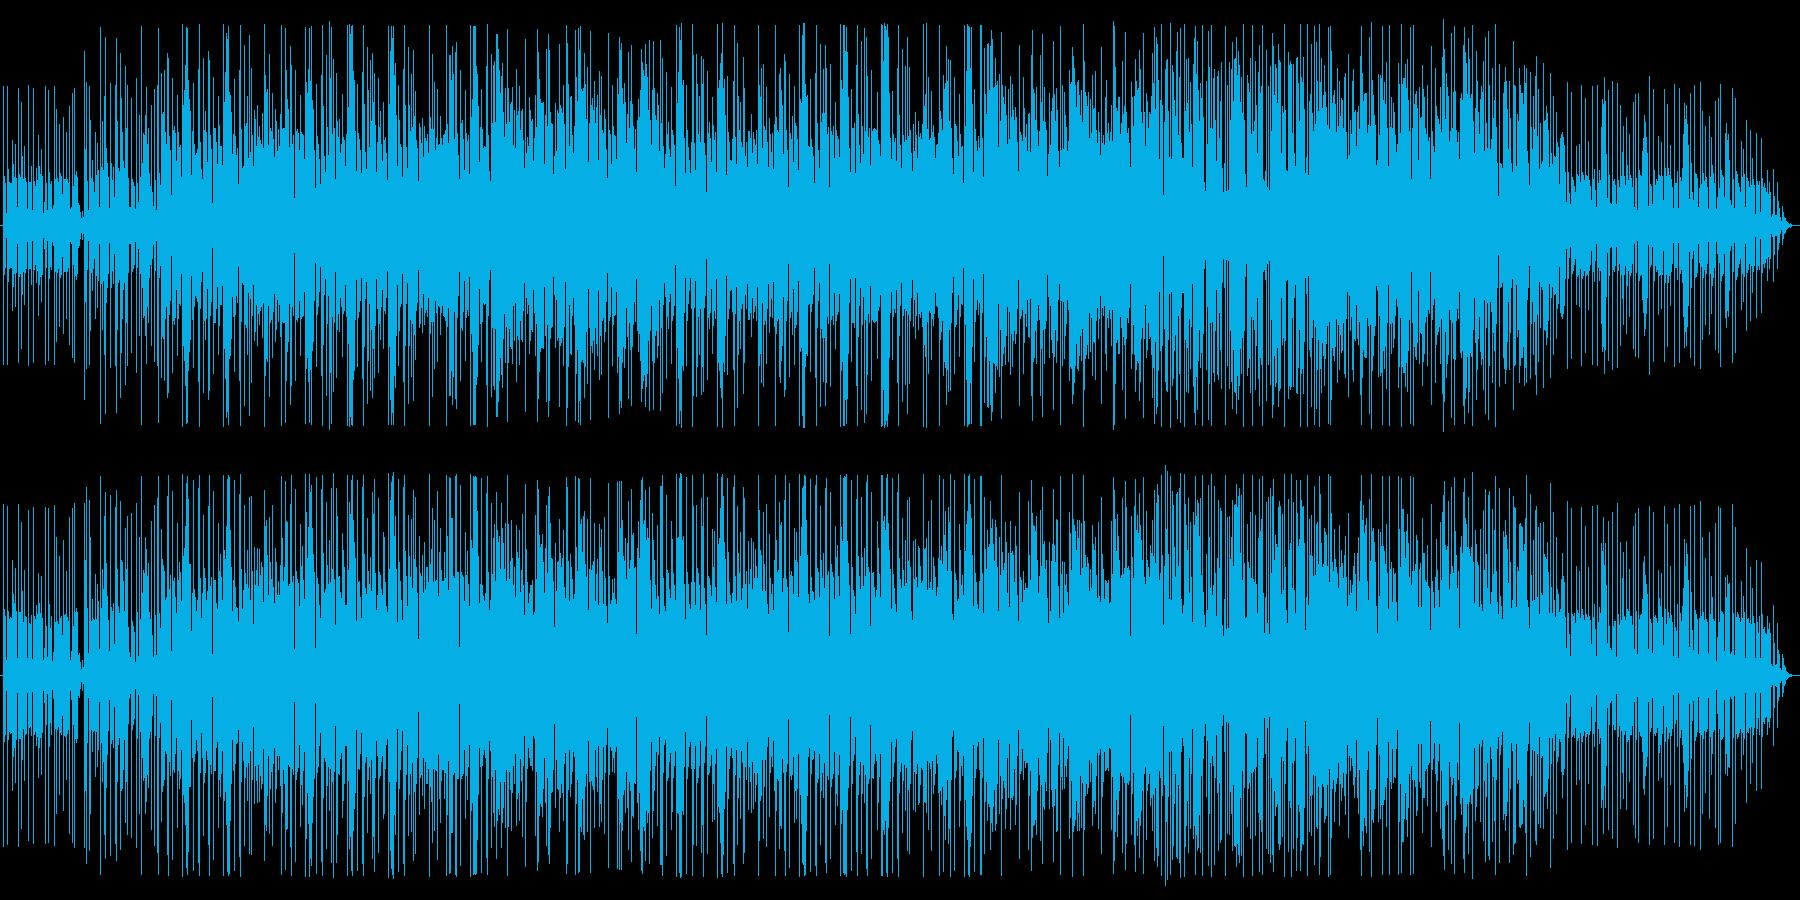 エレキギターの陽気なアフリカンビートの再生済みの波形